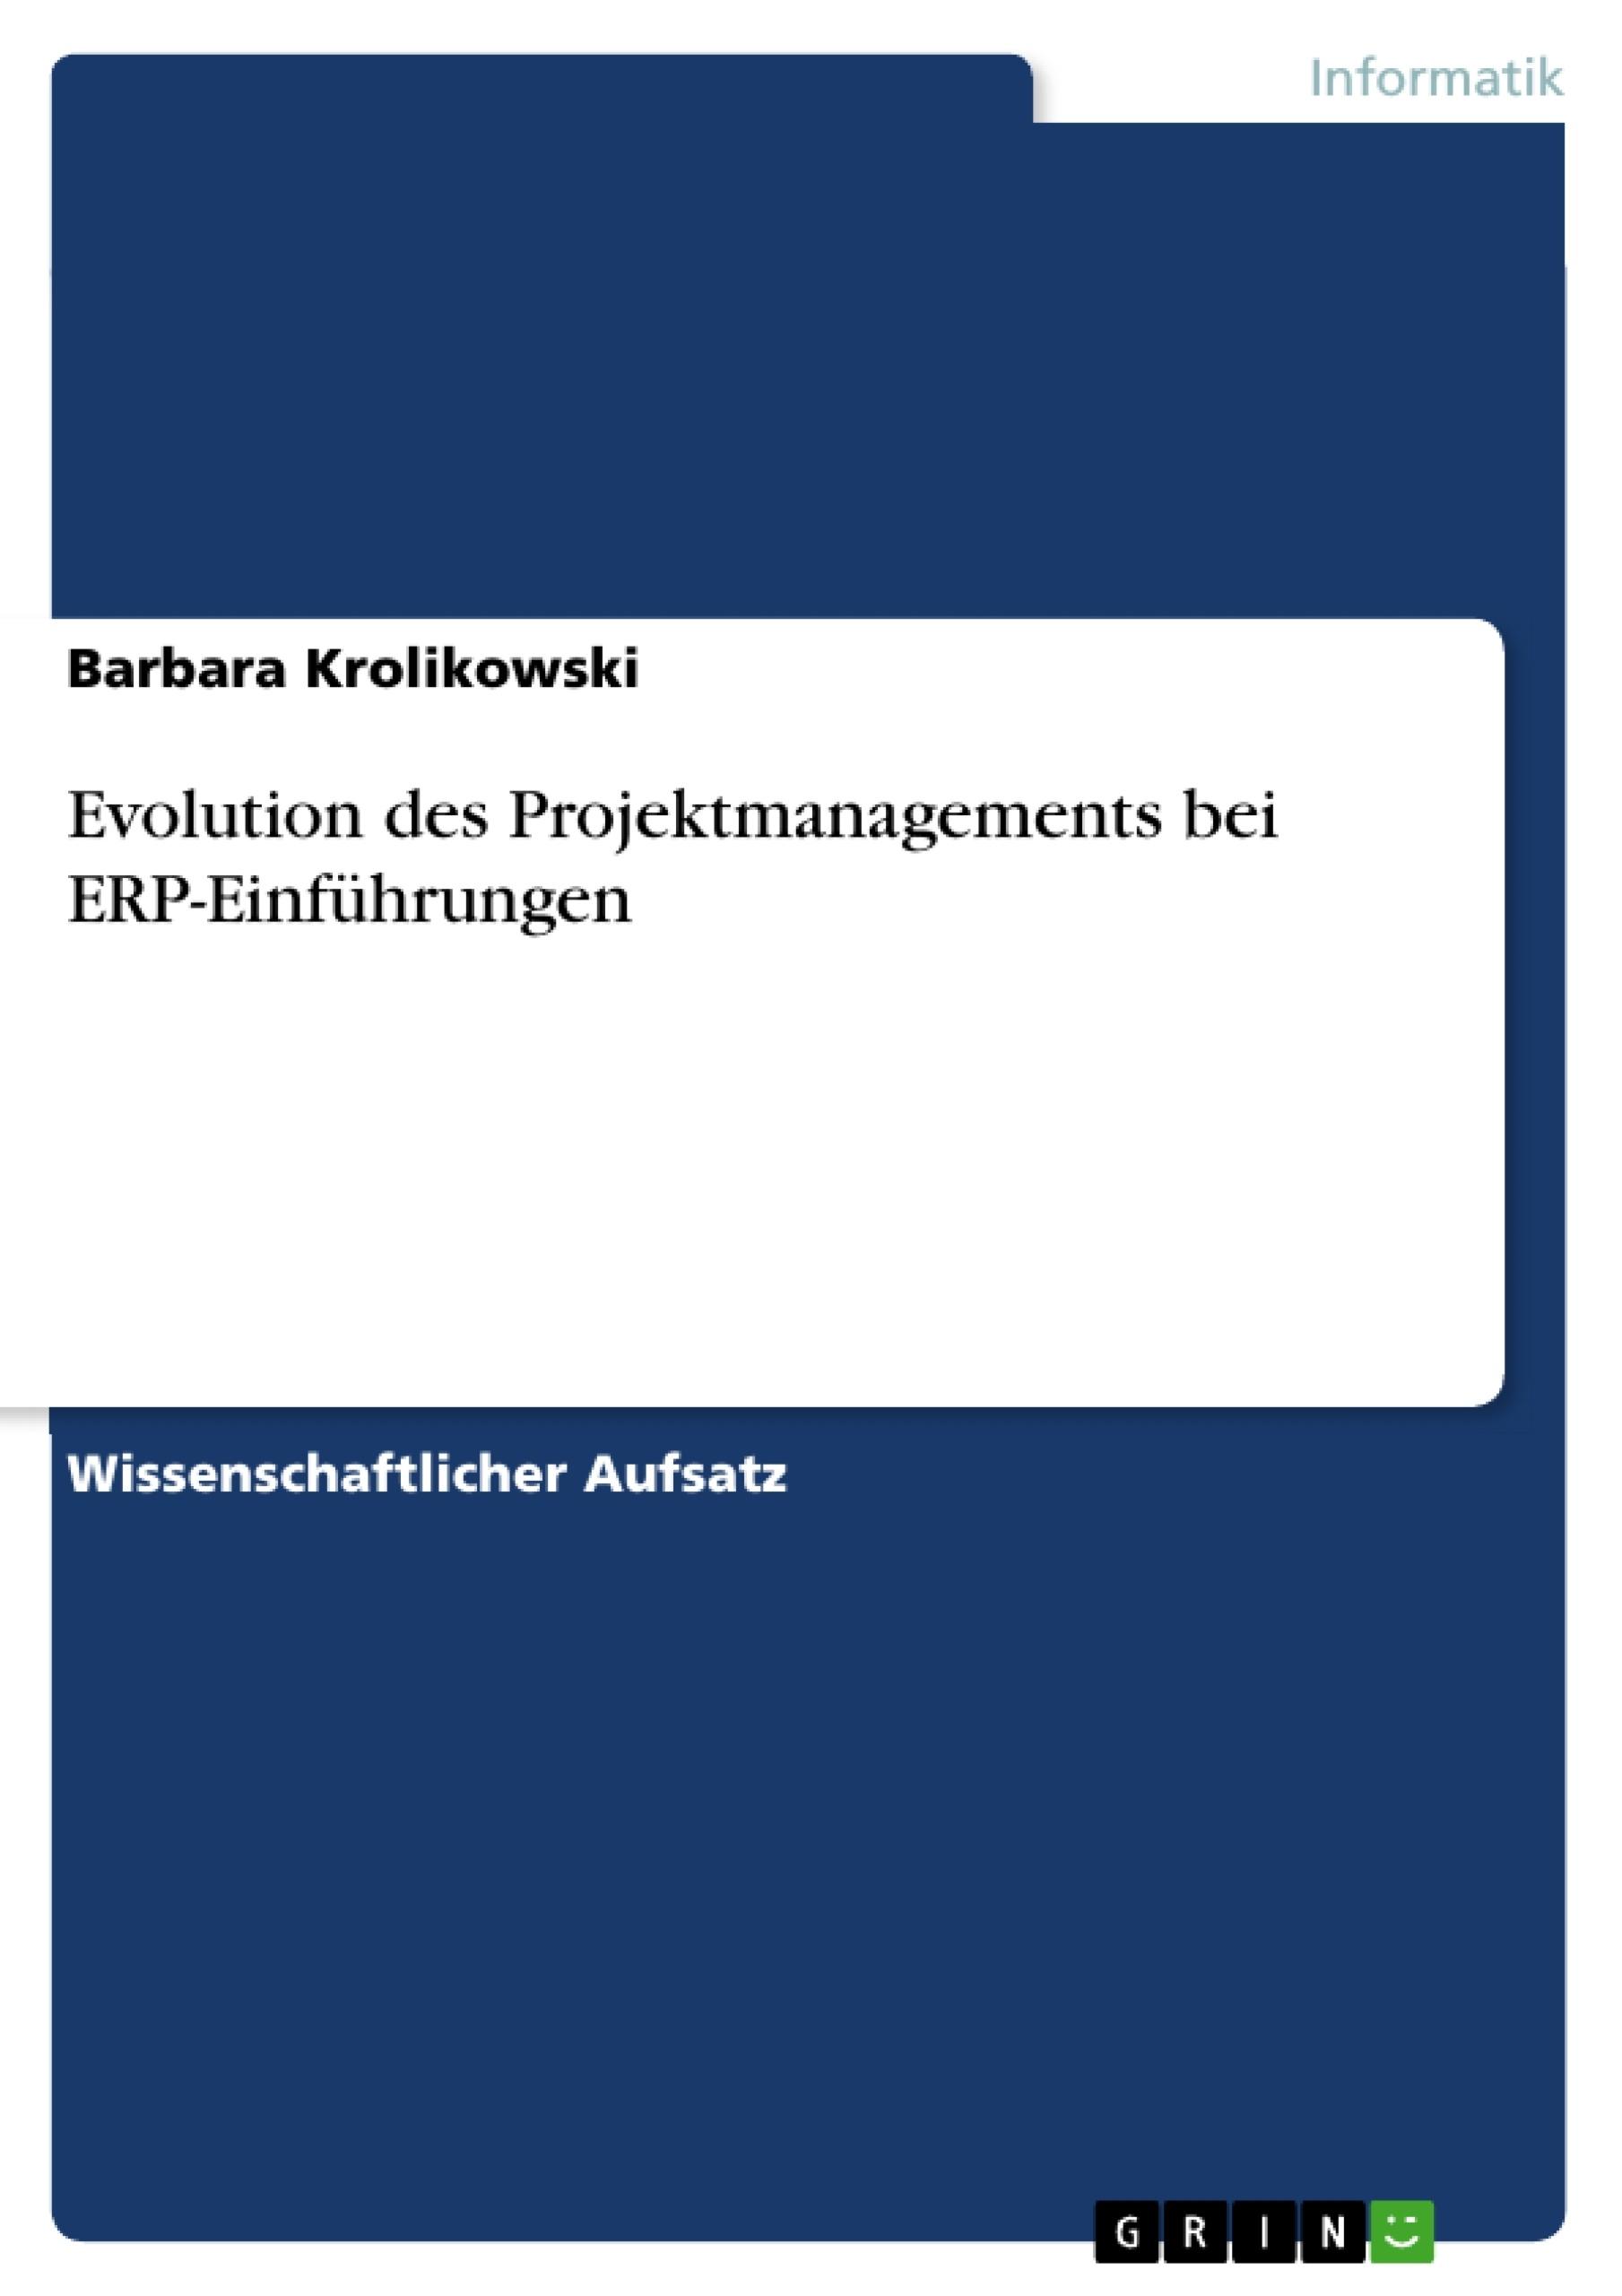 Titel: Evolution des Projektmanagements bei ERP-Einführungen